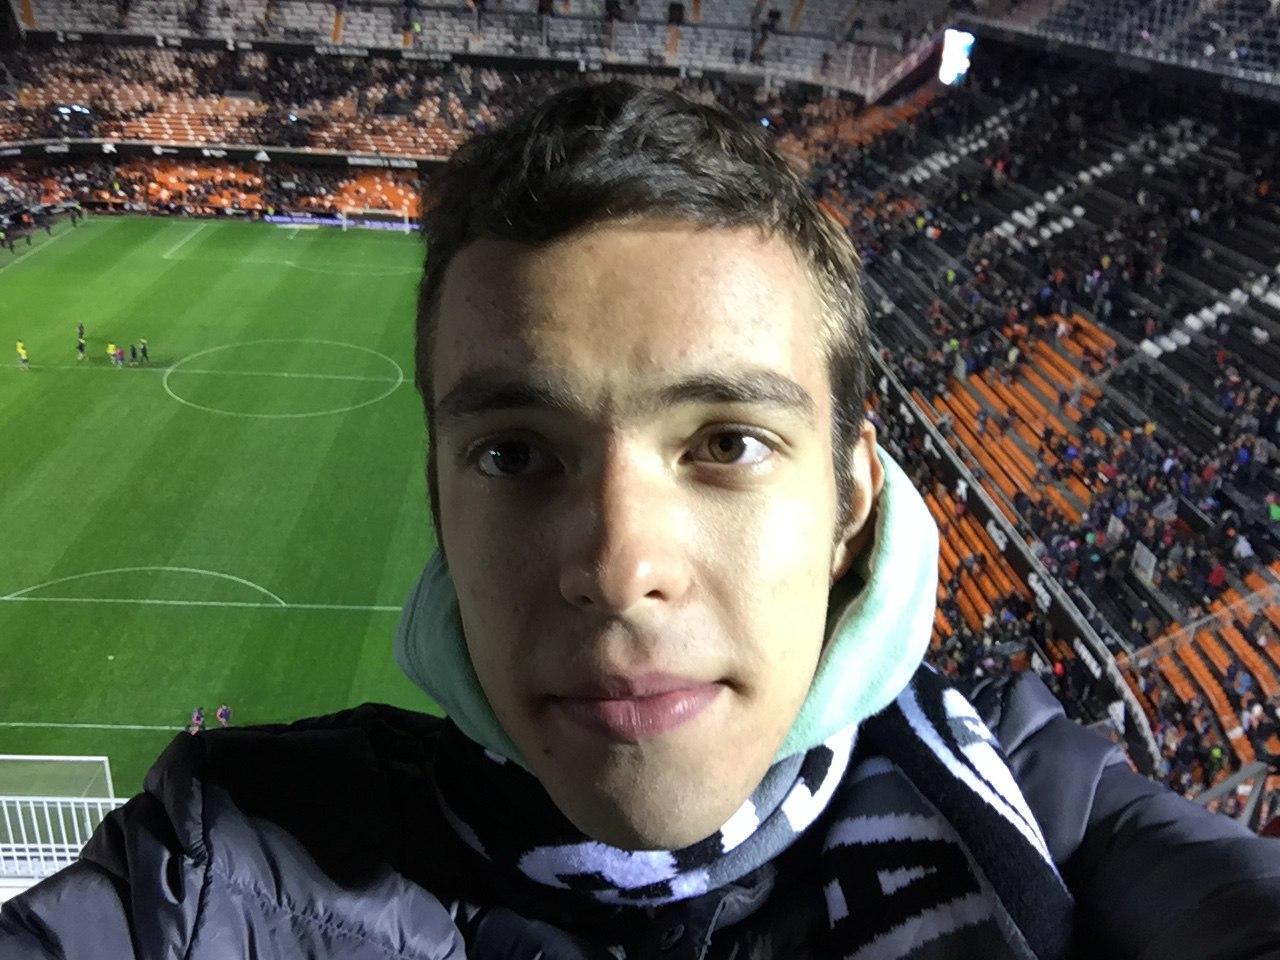 Ставки на футбол на Лас-Пальмас — Валенсия. Ставки на чемпионат Испании 20 Января 2018